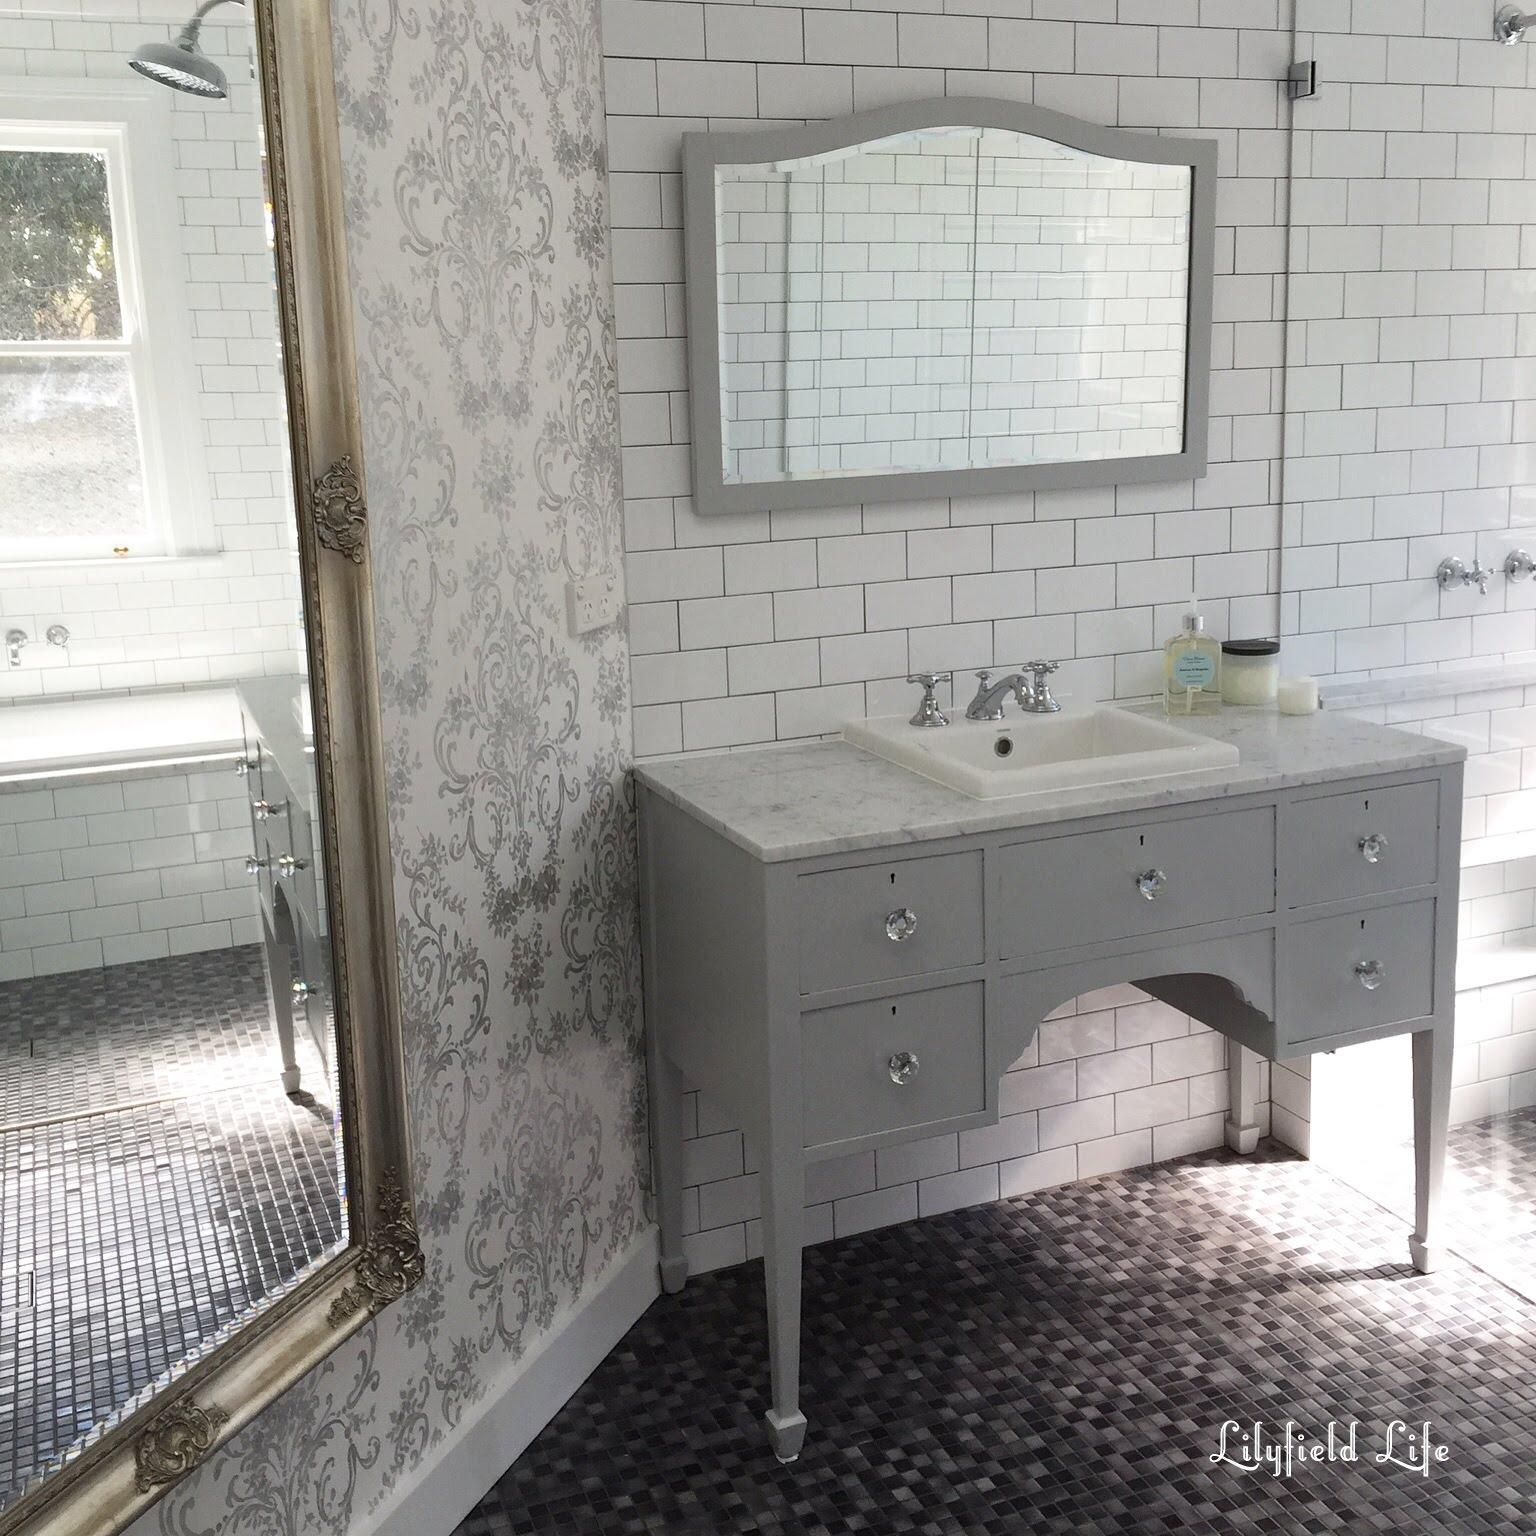 Vintage Furniture To Bathroom Vanity